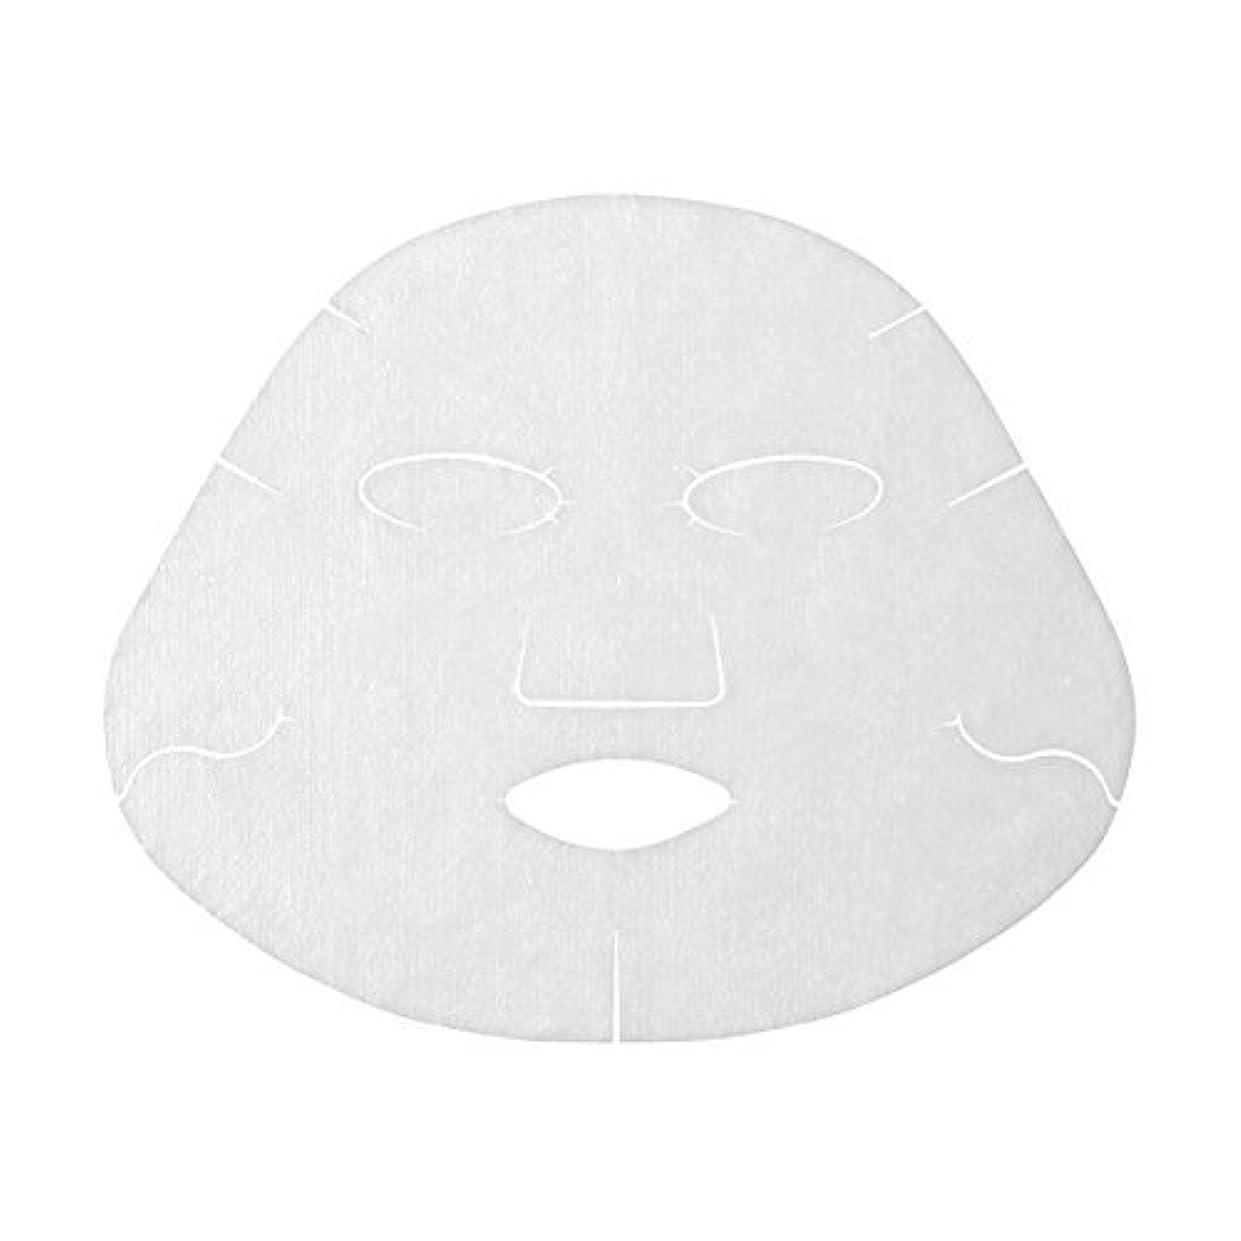 開発する夏森アクアレーベル リセットホワイトマスク <1枚入り> 18mL×1枚×6個